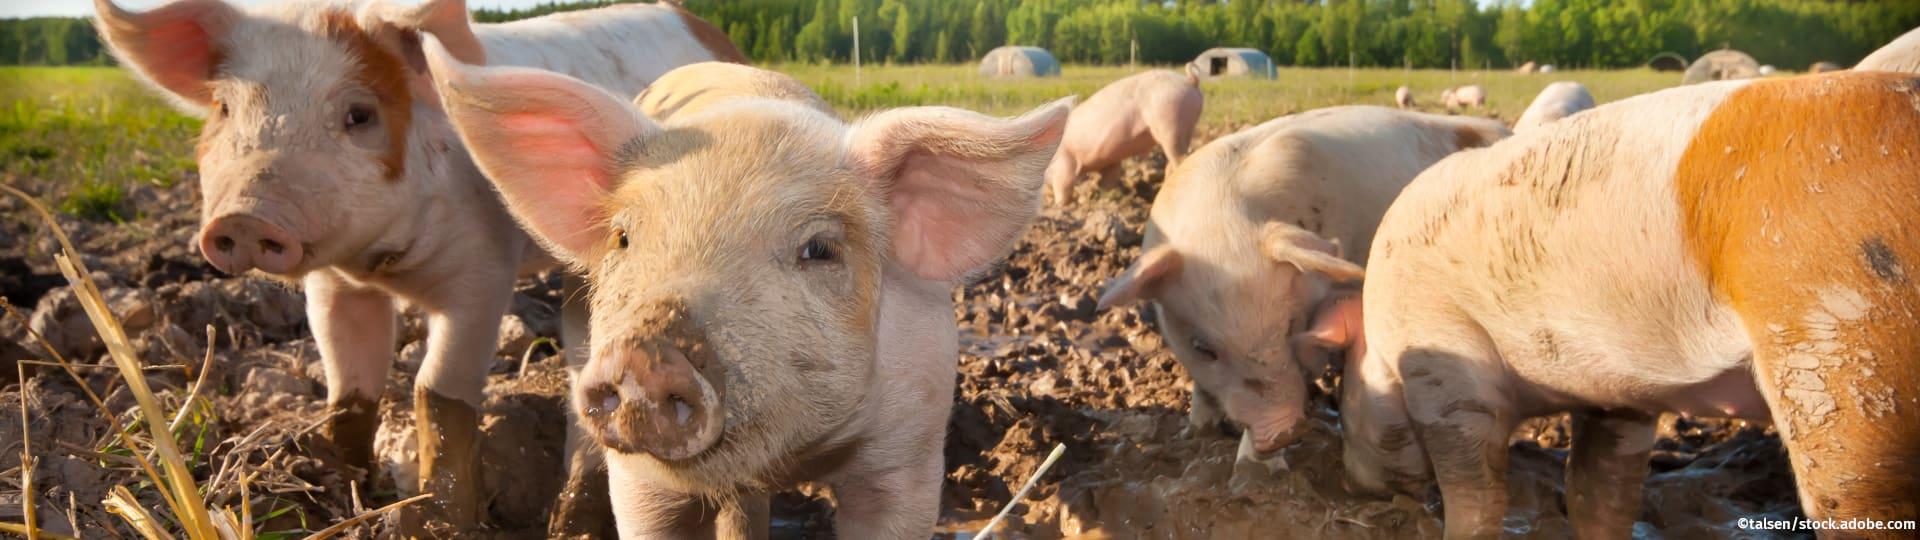 Schweine aus ökologischer Landwirtschaft wühlen im Matsch